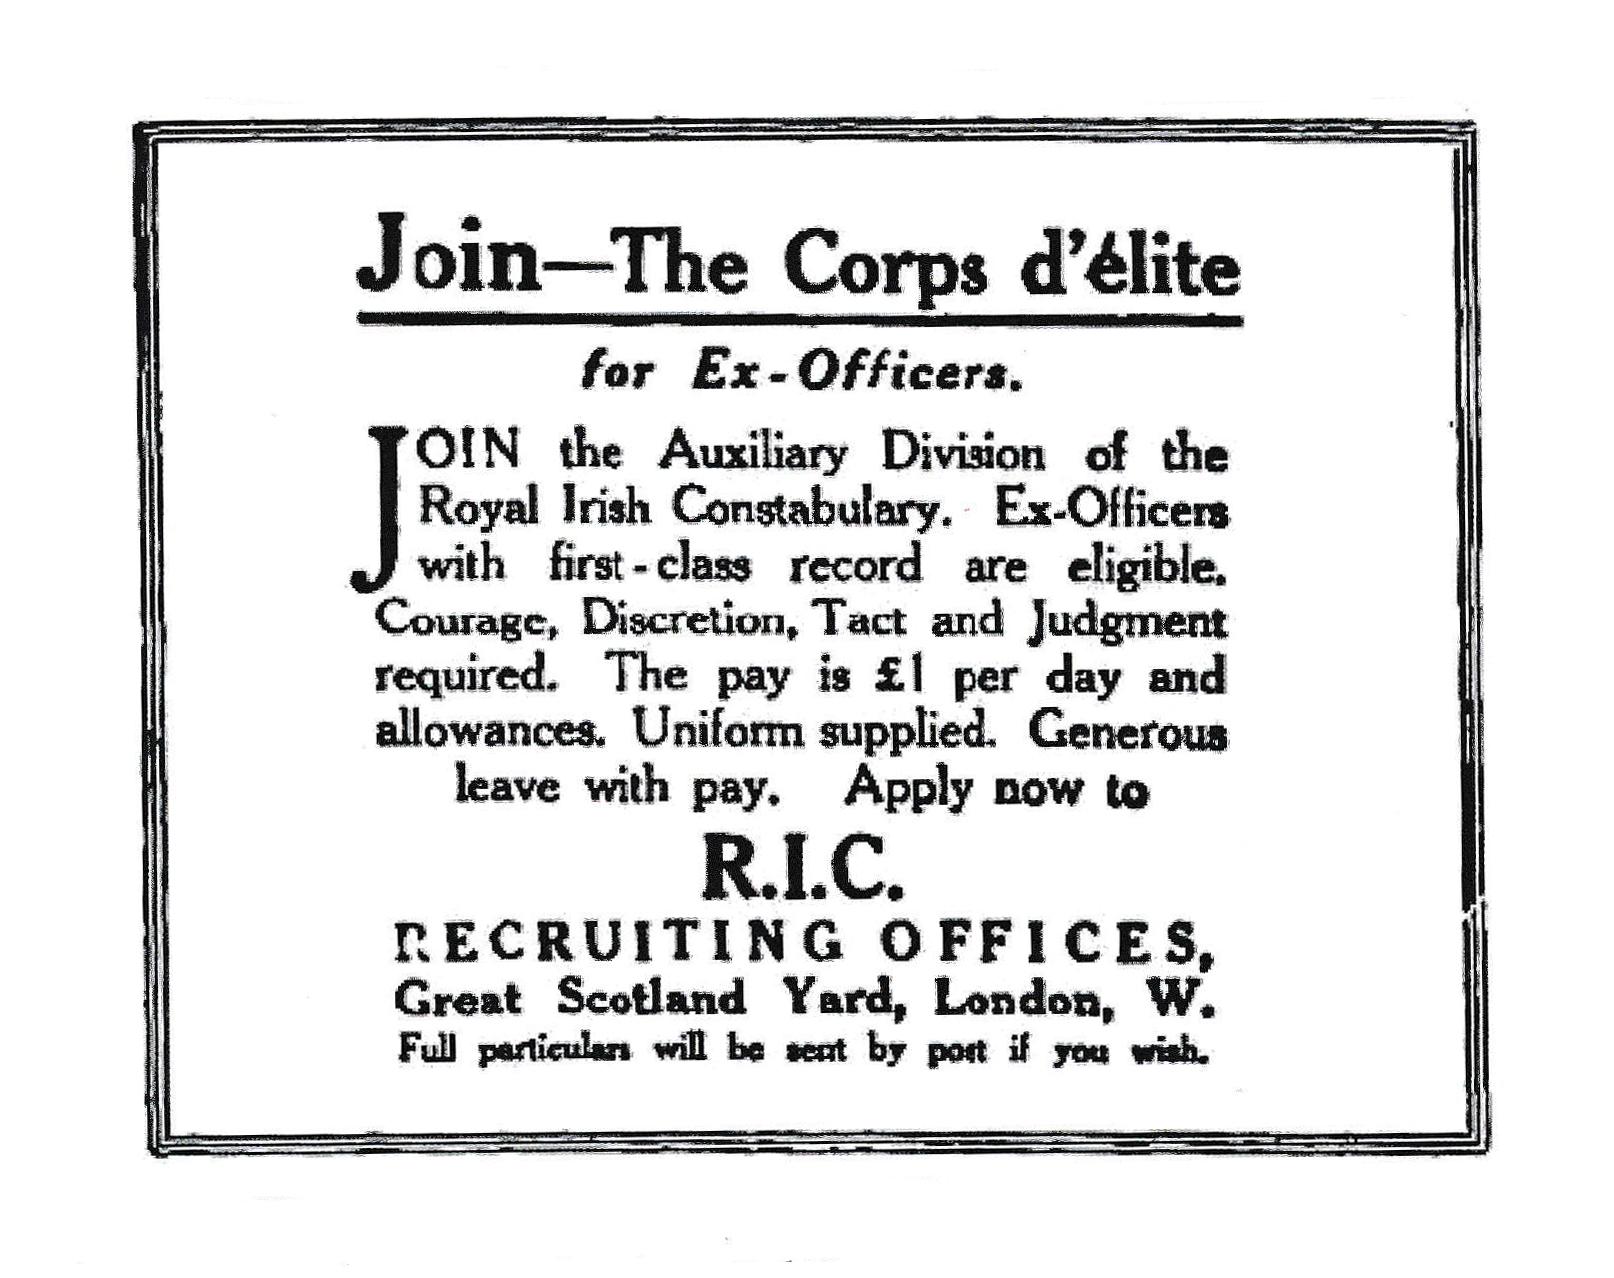 join-the-auxies-ad1920 Burning of Dublin Custom House 1921